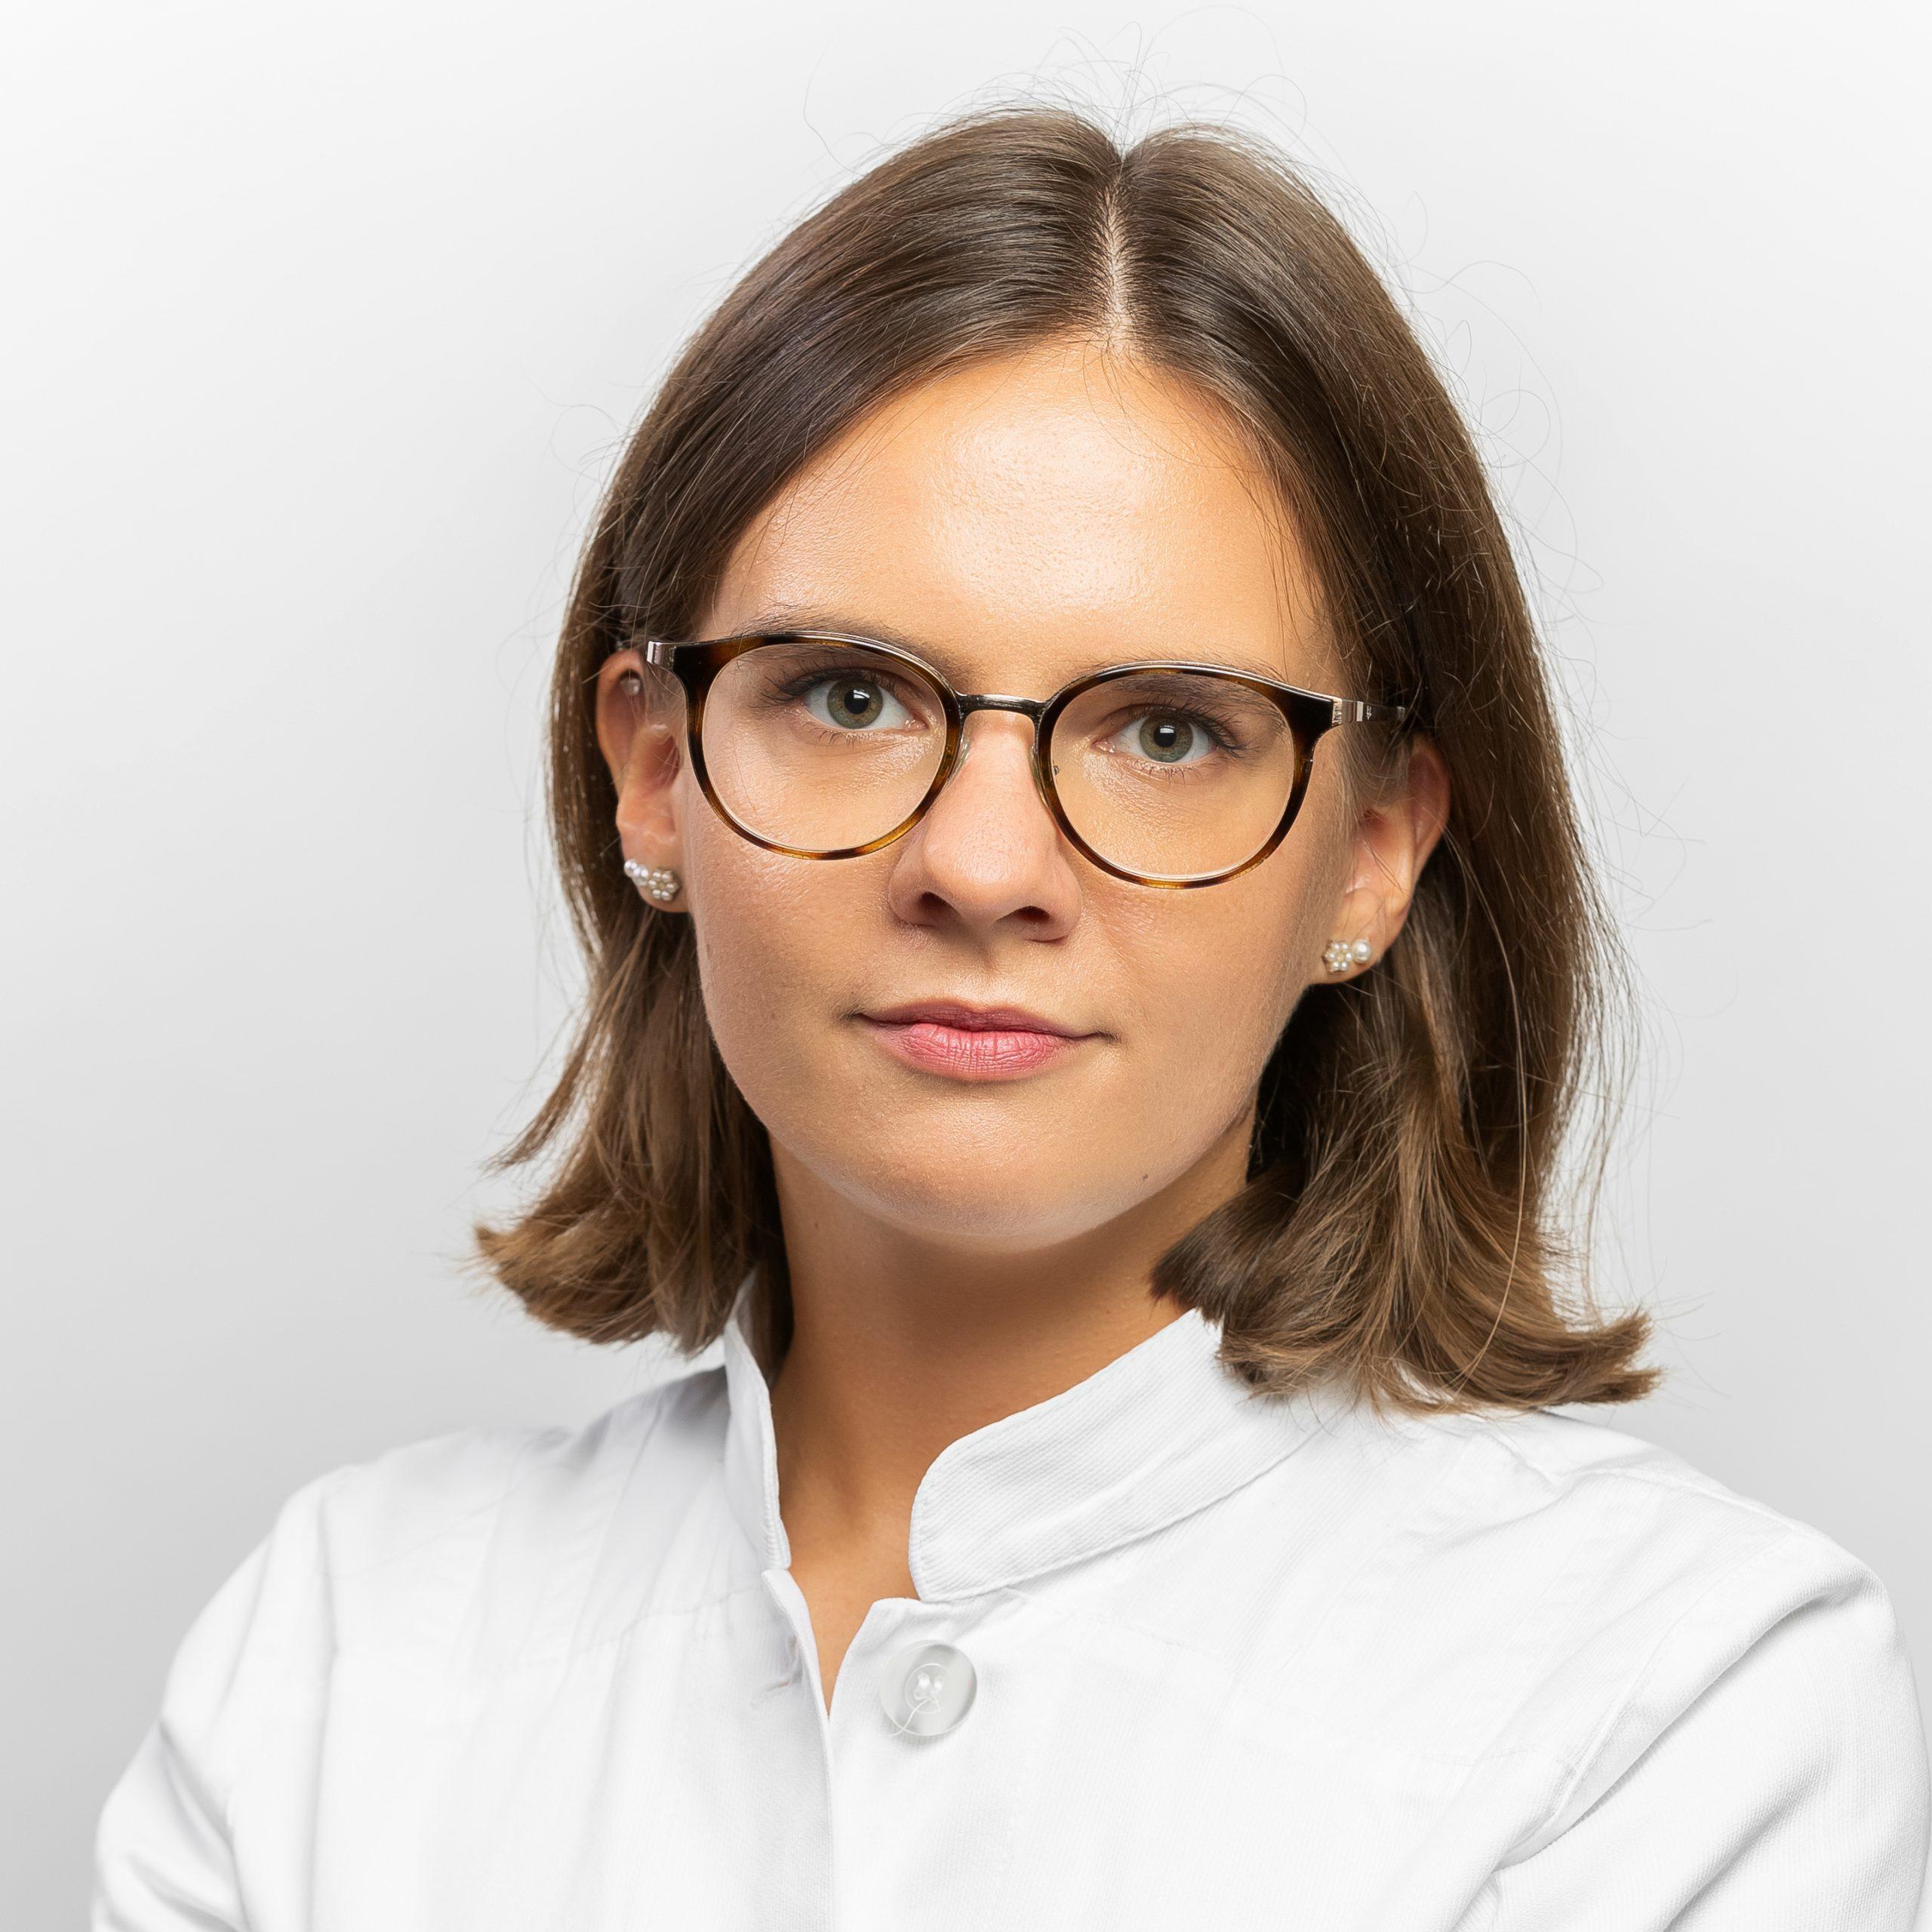 Lisa Hollborn